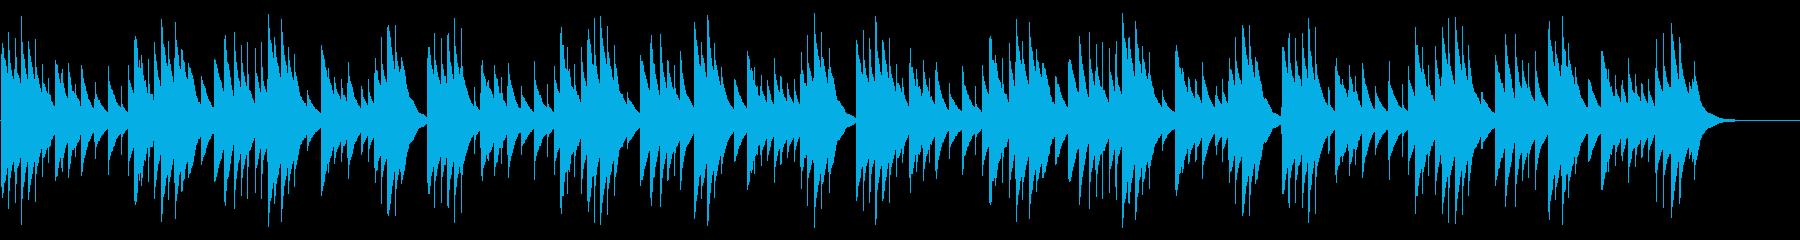 夕焼け小焼け カード式オルゴール の再生済みの波形